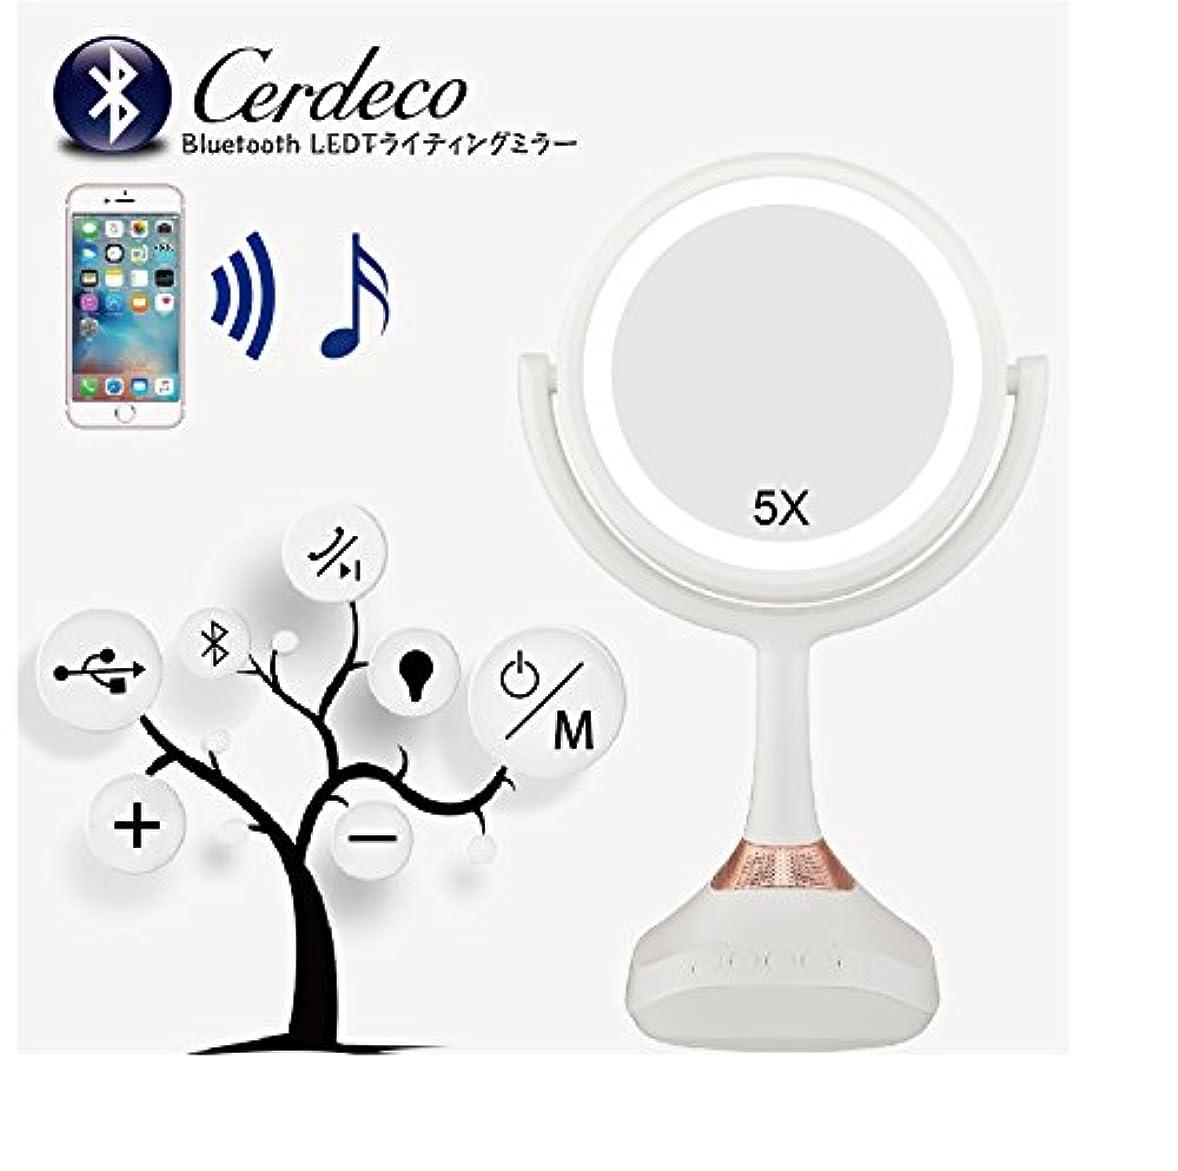 寮銀河スペイン(セーディコ)Cerdeco Bluetoothスピーカー LEDライティングミラー 5倍拡大率 ハンズフリー通話可能 USB給電 真実の両面鏡DX 鏡面φ153mm D638M (ホワイト?Bluetooth卓上鏡)